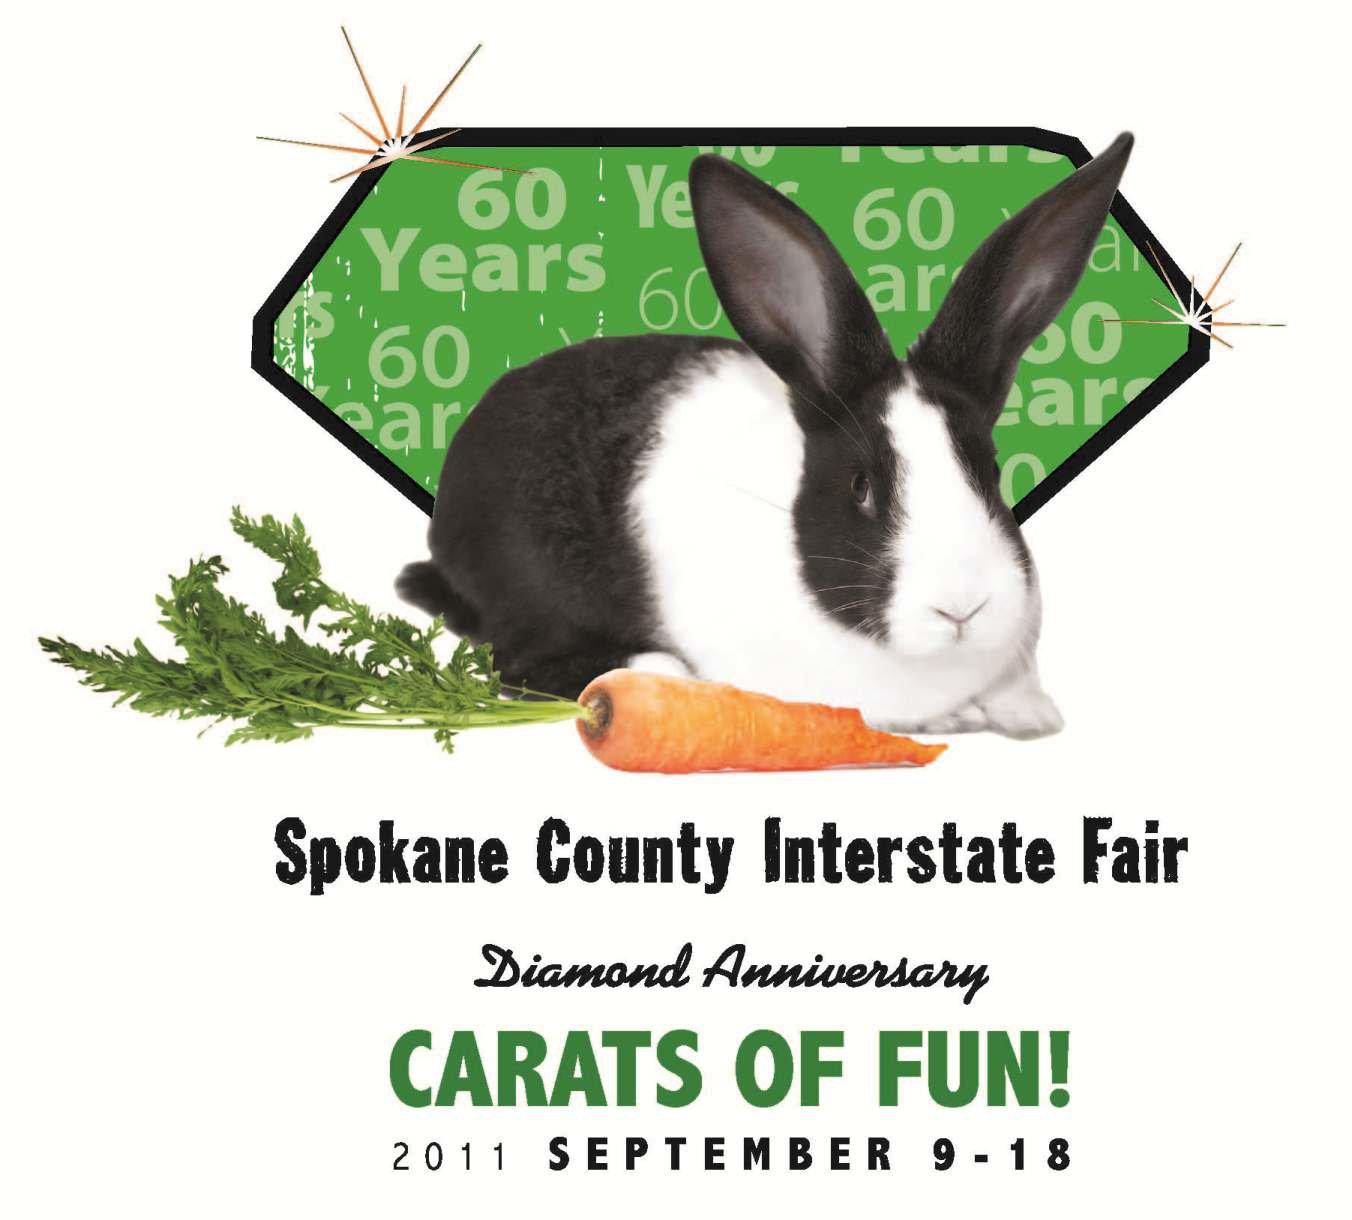 September 9-18, 2011. Theme